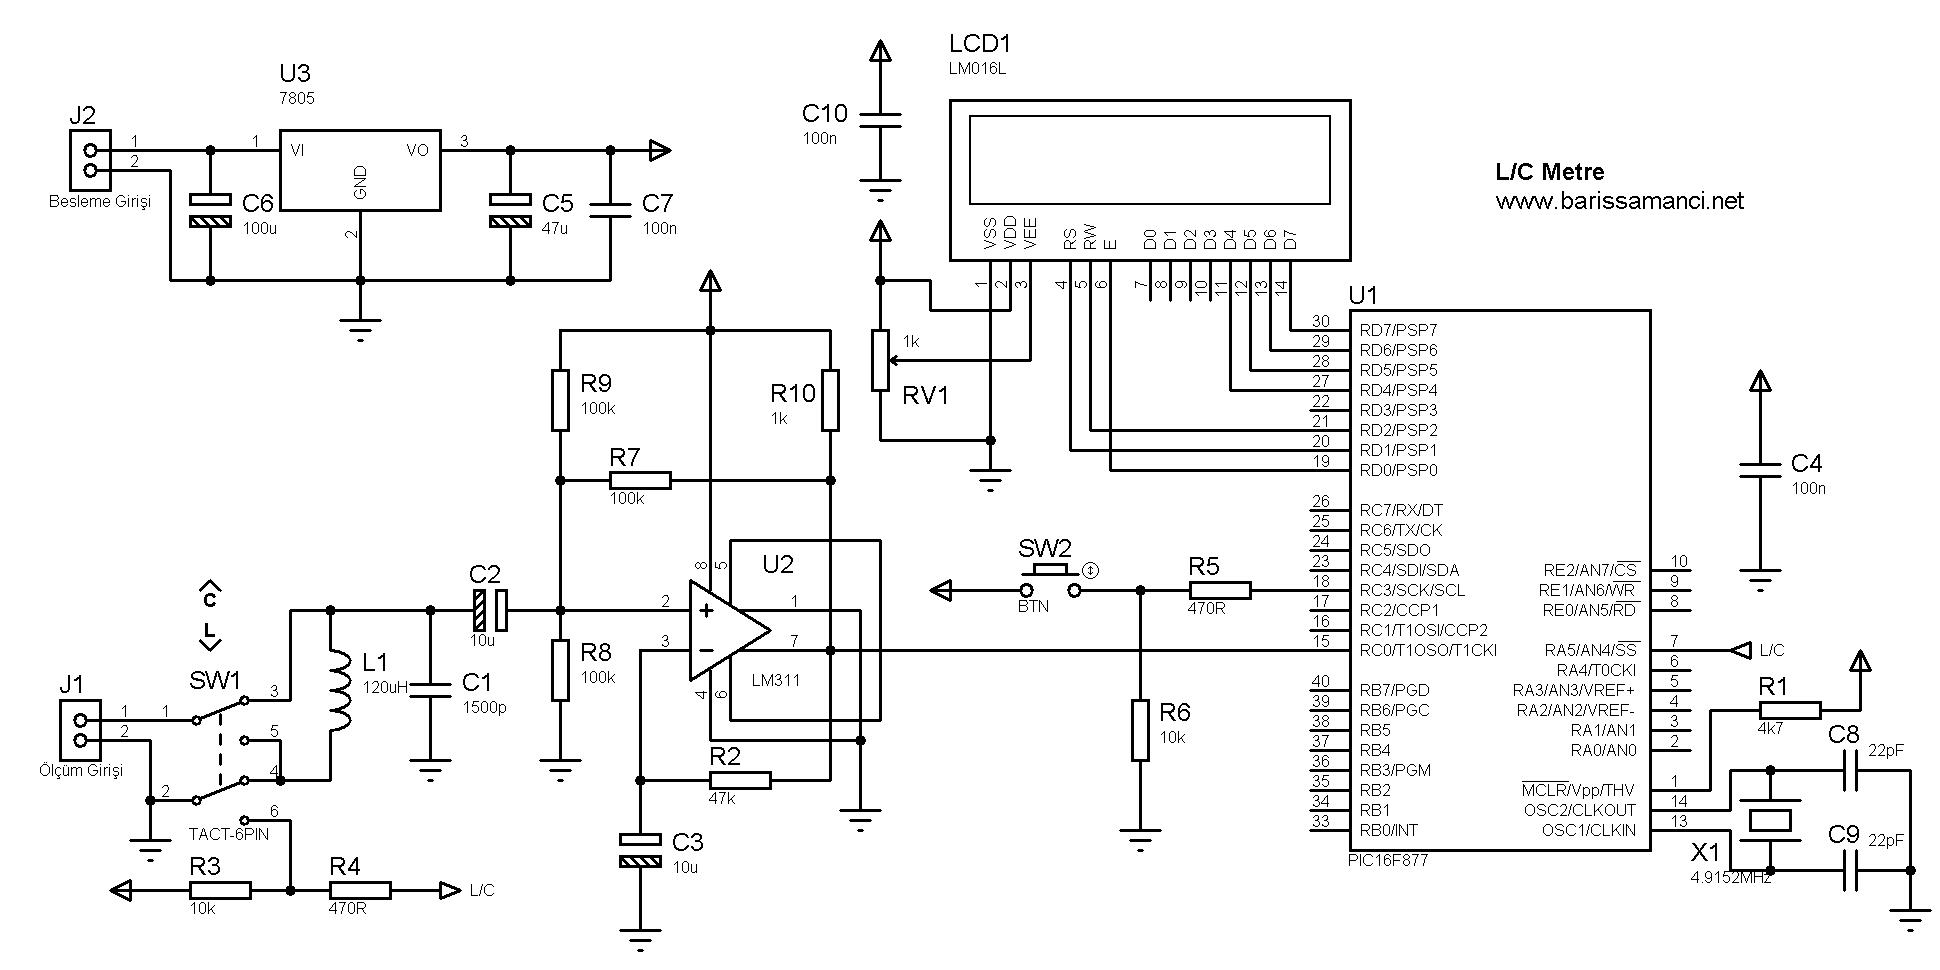 LC meter